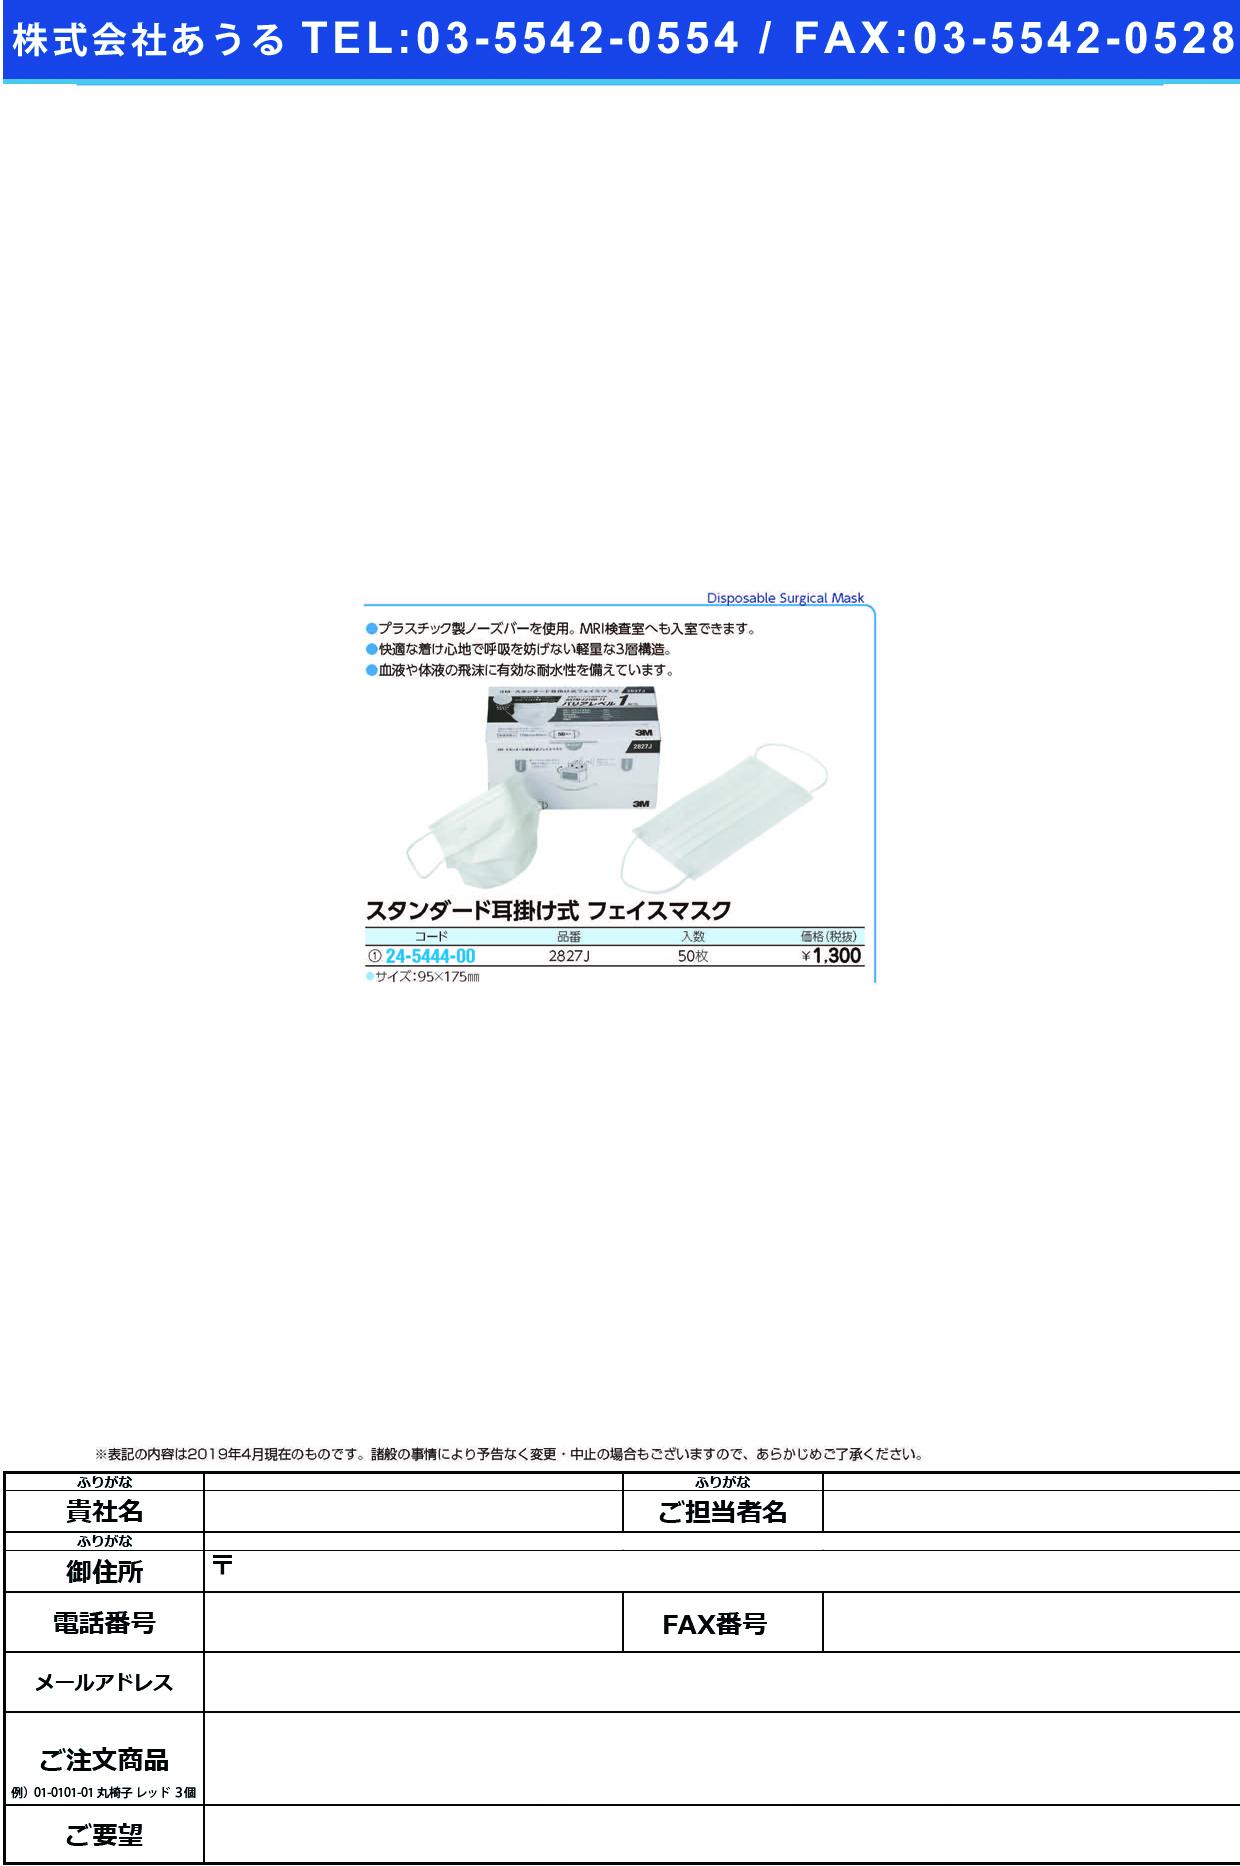 (24-5444-00)スタンダード耳掛け式フェイスマスク 2827J(50マイ) スタンダードミミカケフェイスマスク(スリーエムジャパンヘルスケアカンパニー)【1箱単位】【2019年カタログ商品】